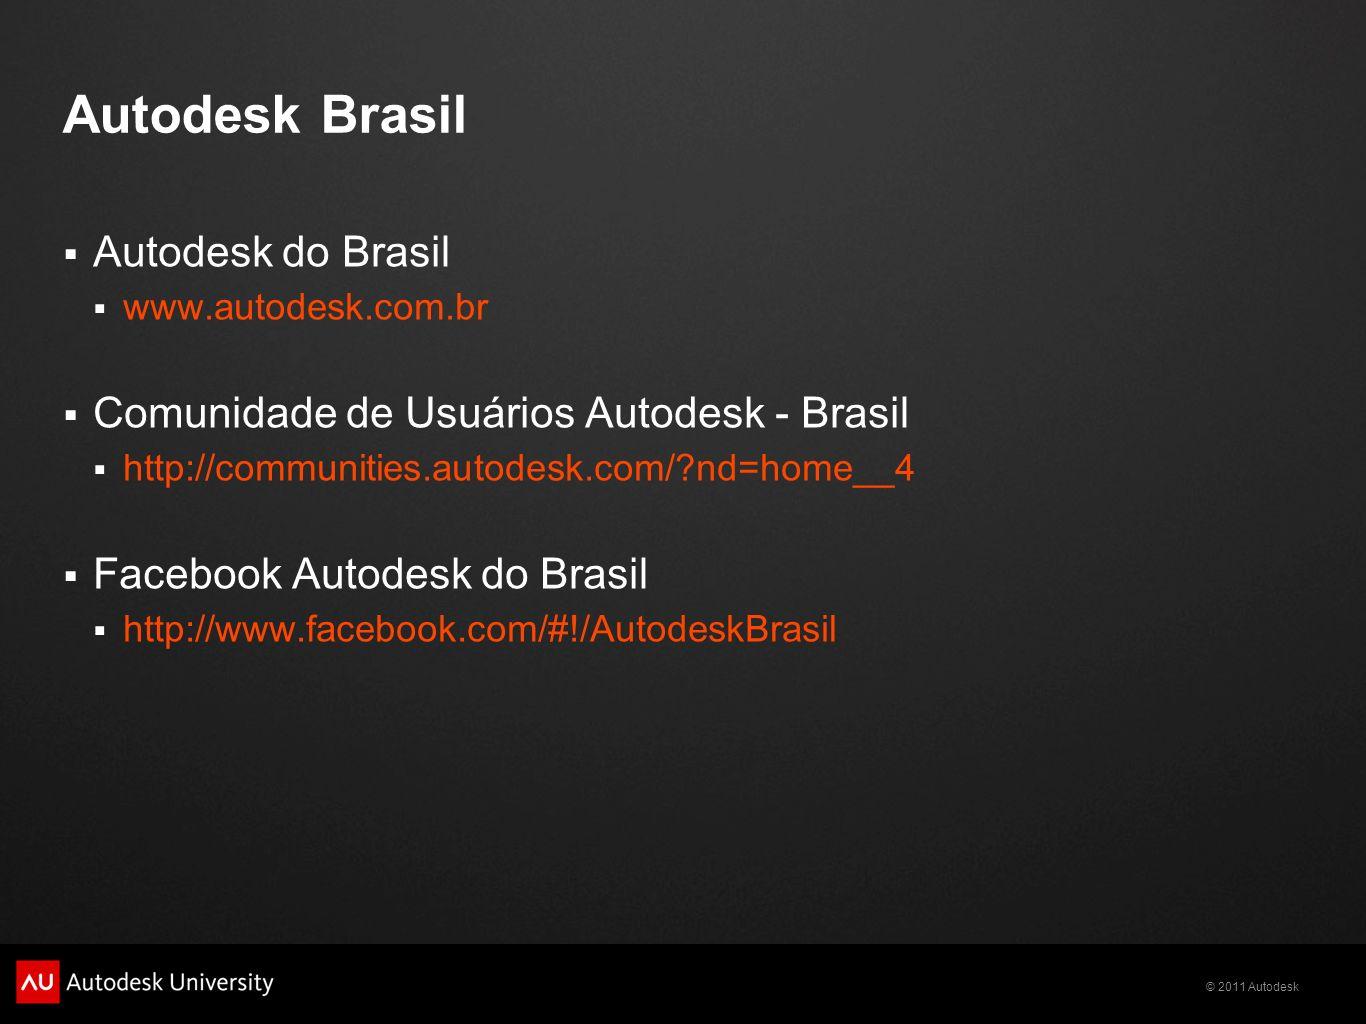 © 2011 Autodesk Autodesk Brasil Autodesk do Brasil www.autodesk.com.br Comunidade de Usuários Autodesk - Brasil http://communities.autodesk.com/?nd=home__4 Facebook Autodesk do Brasil http://www.facebook.com/#!/AutodeskBrasil